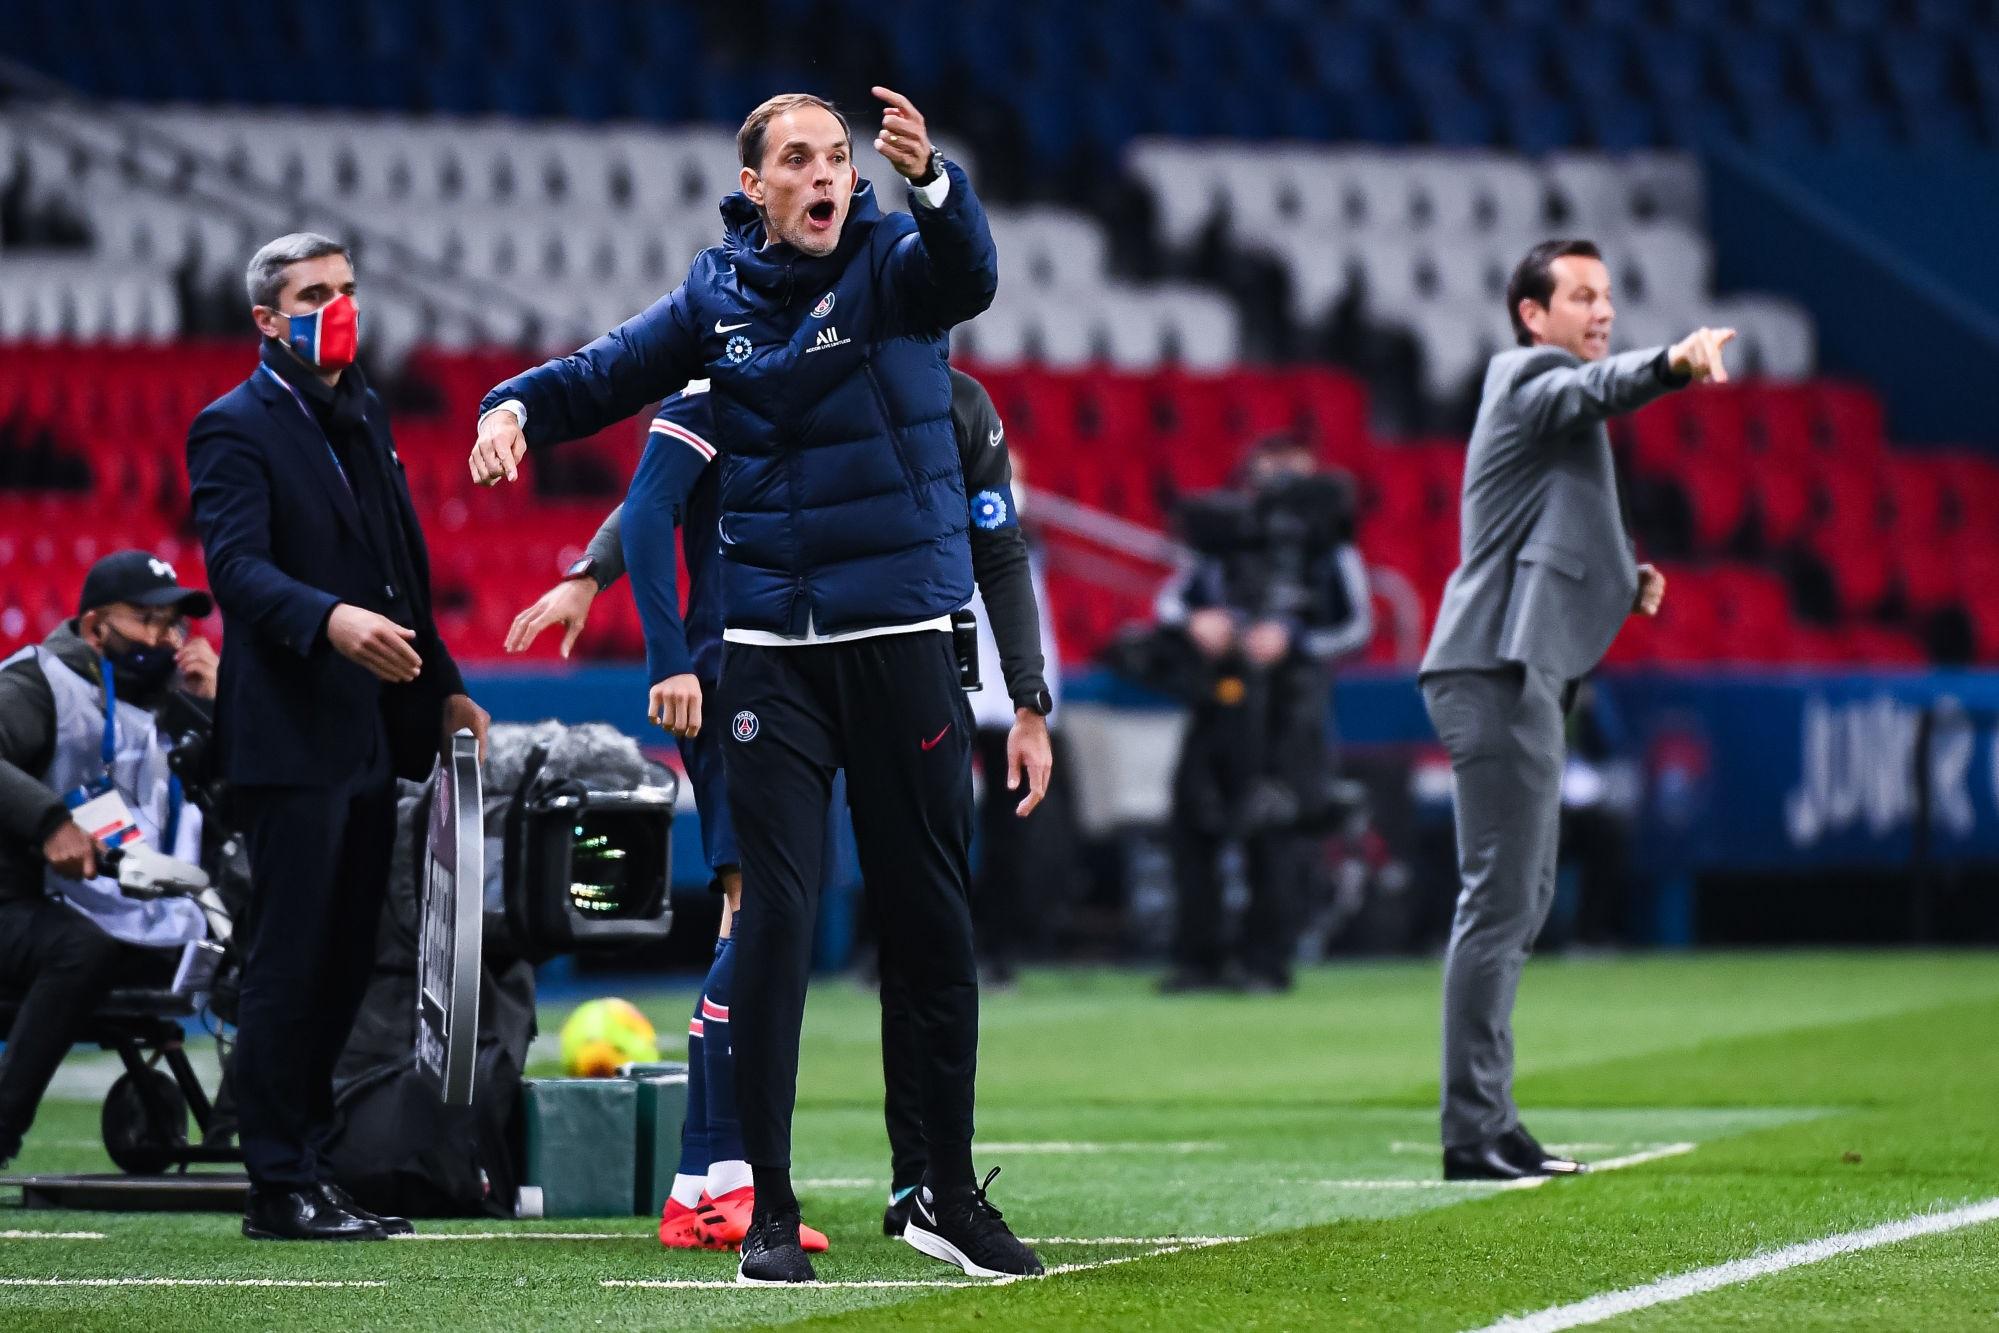 """PSG/Rennes - Tuchel se réjouit """"Les joueurs ont livré un grand combat"""""""